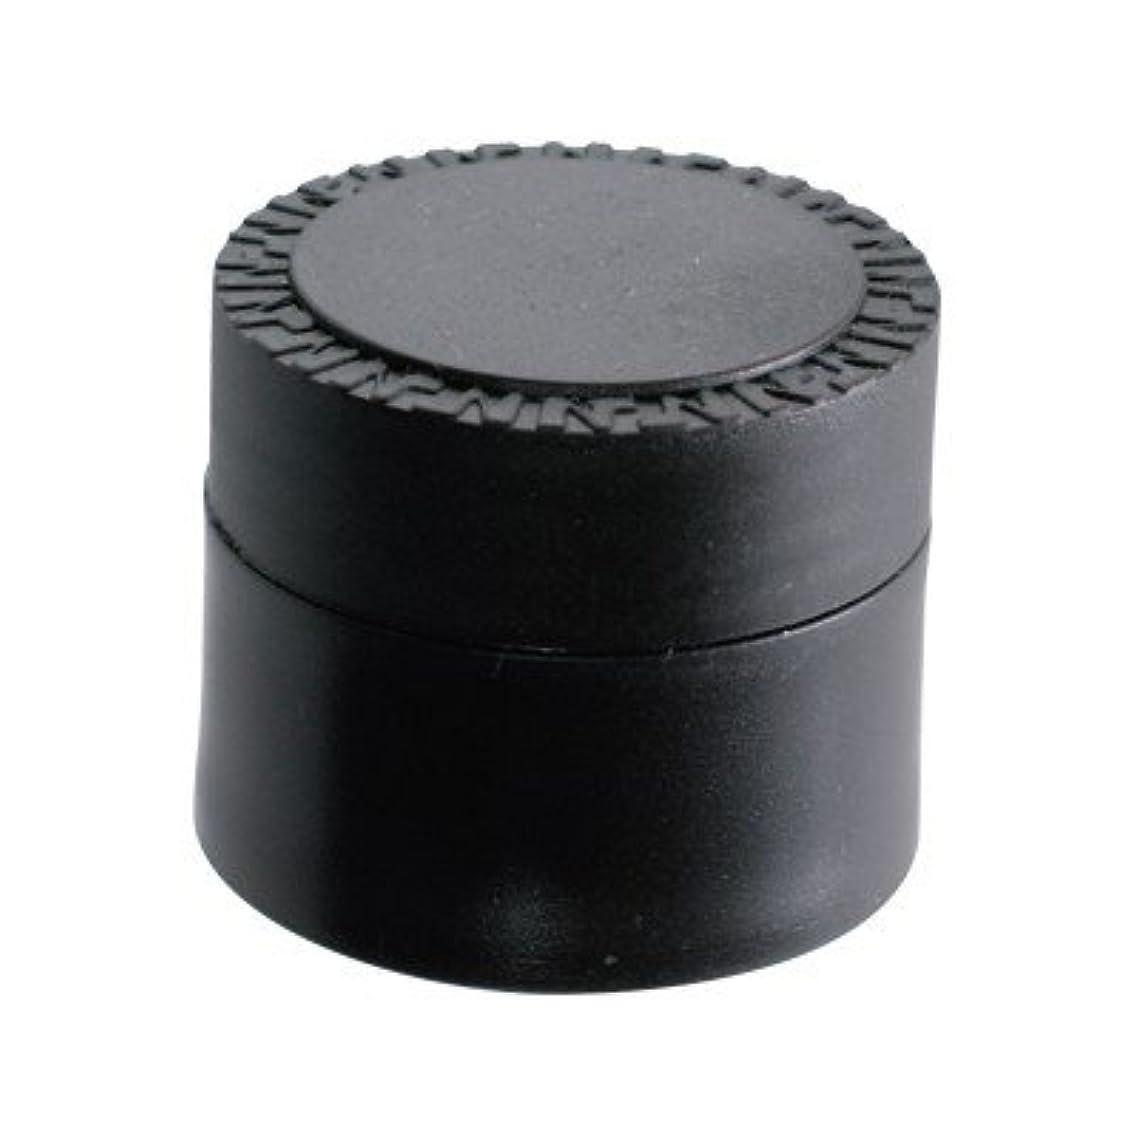 パケット想像力豊かな腰NFS メルティージェル 空容器 黒 18g